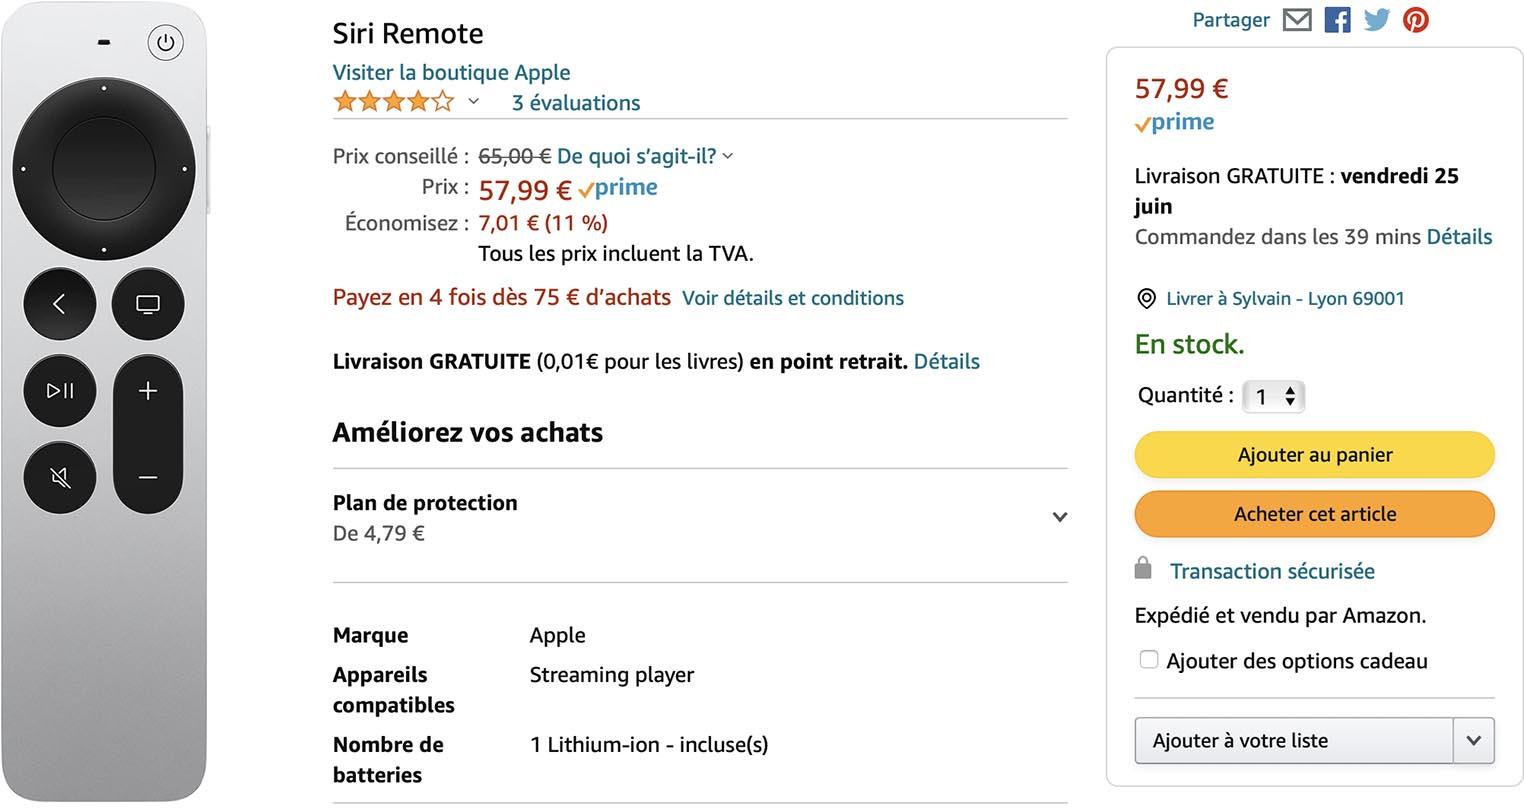 Siri Remote Amazon